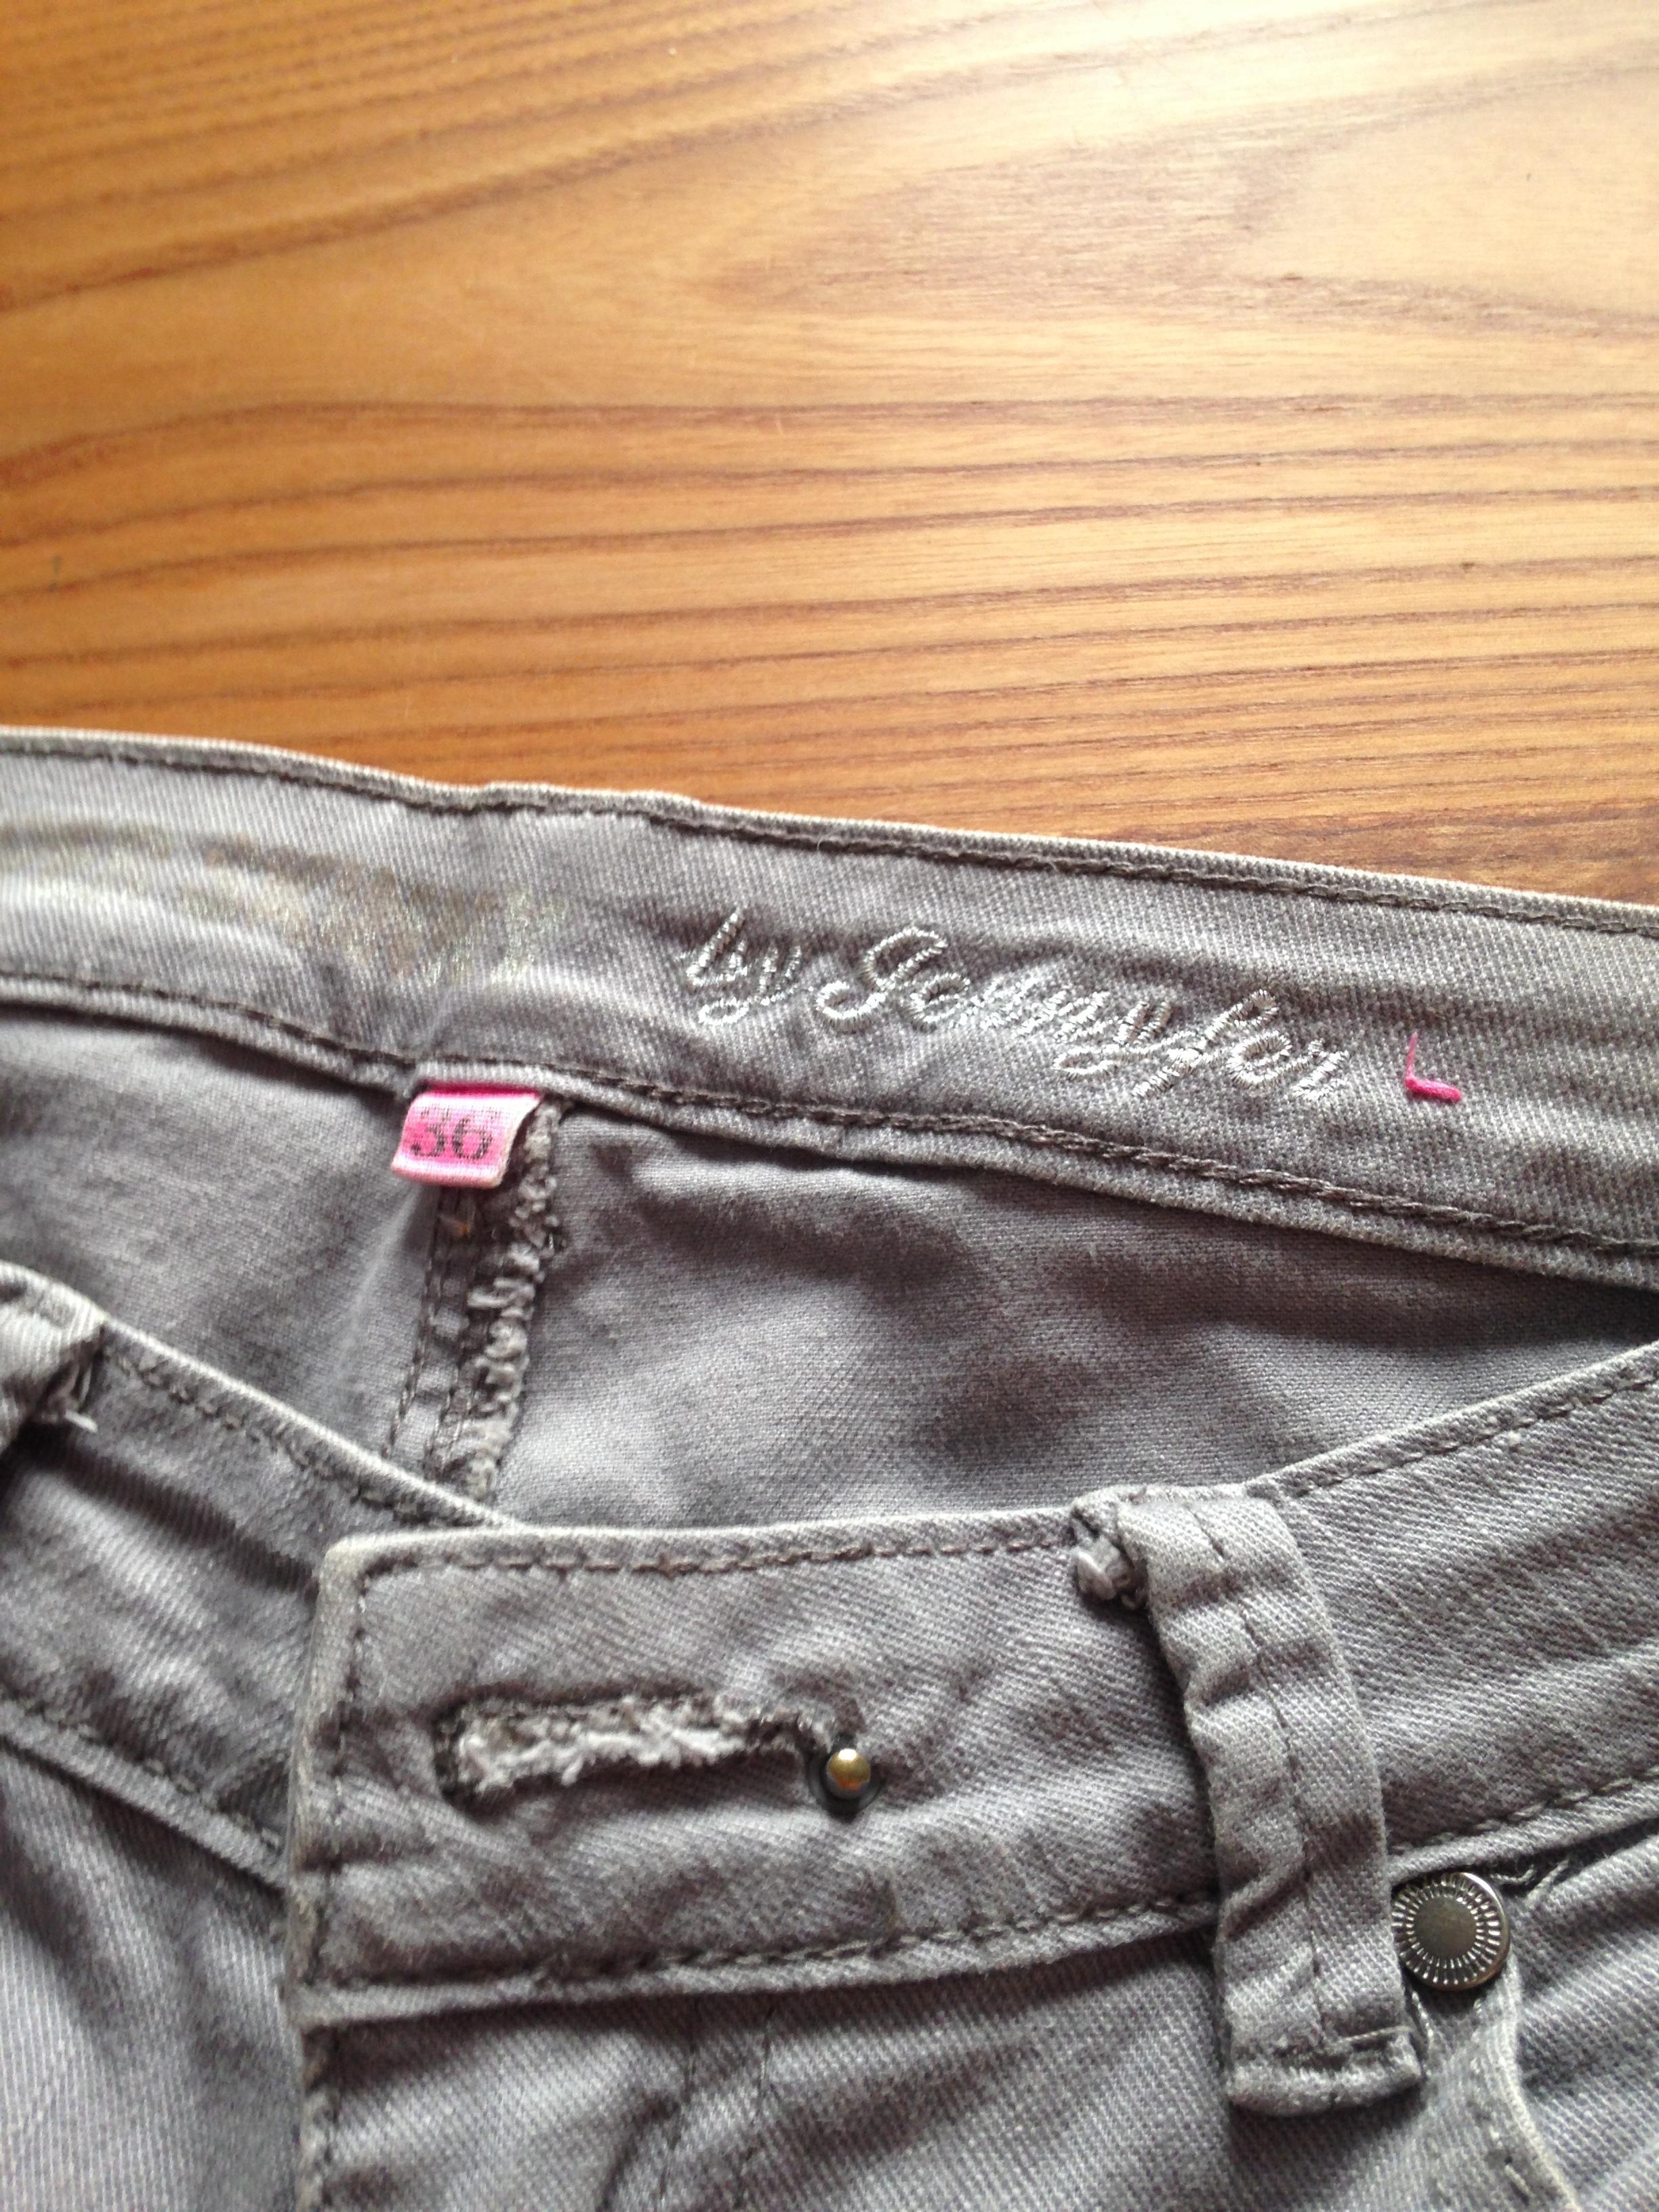 troc de troc jean gris t34/36 image 2